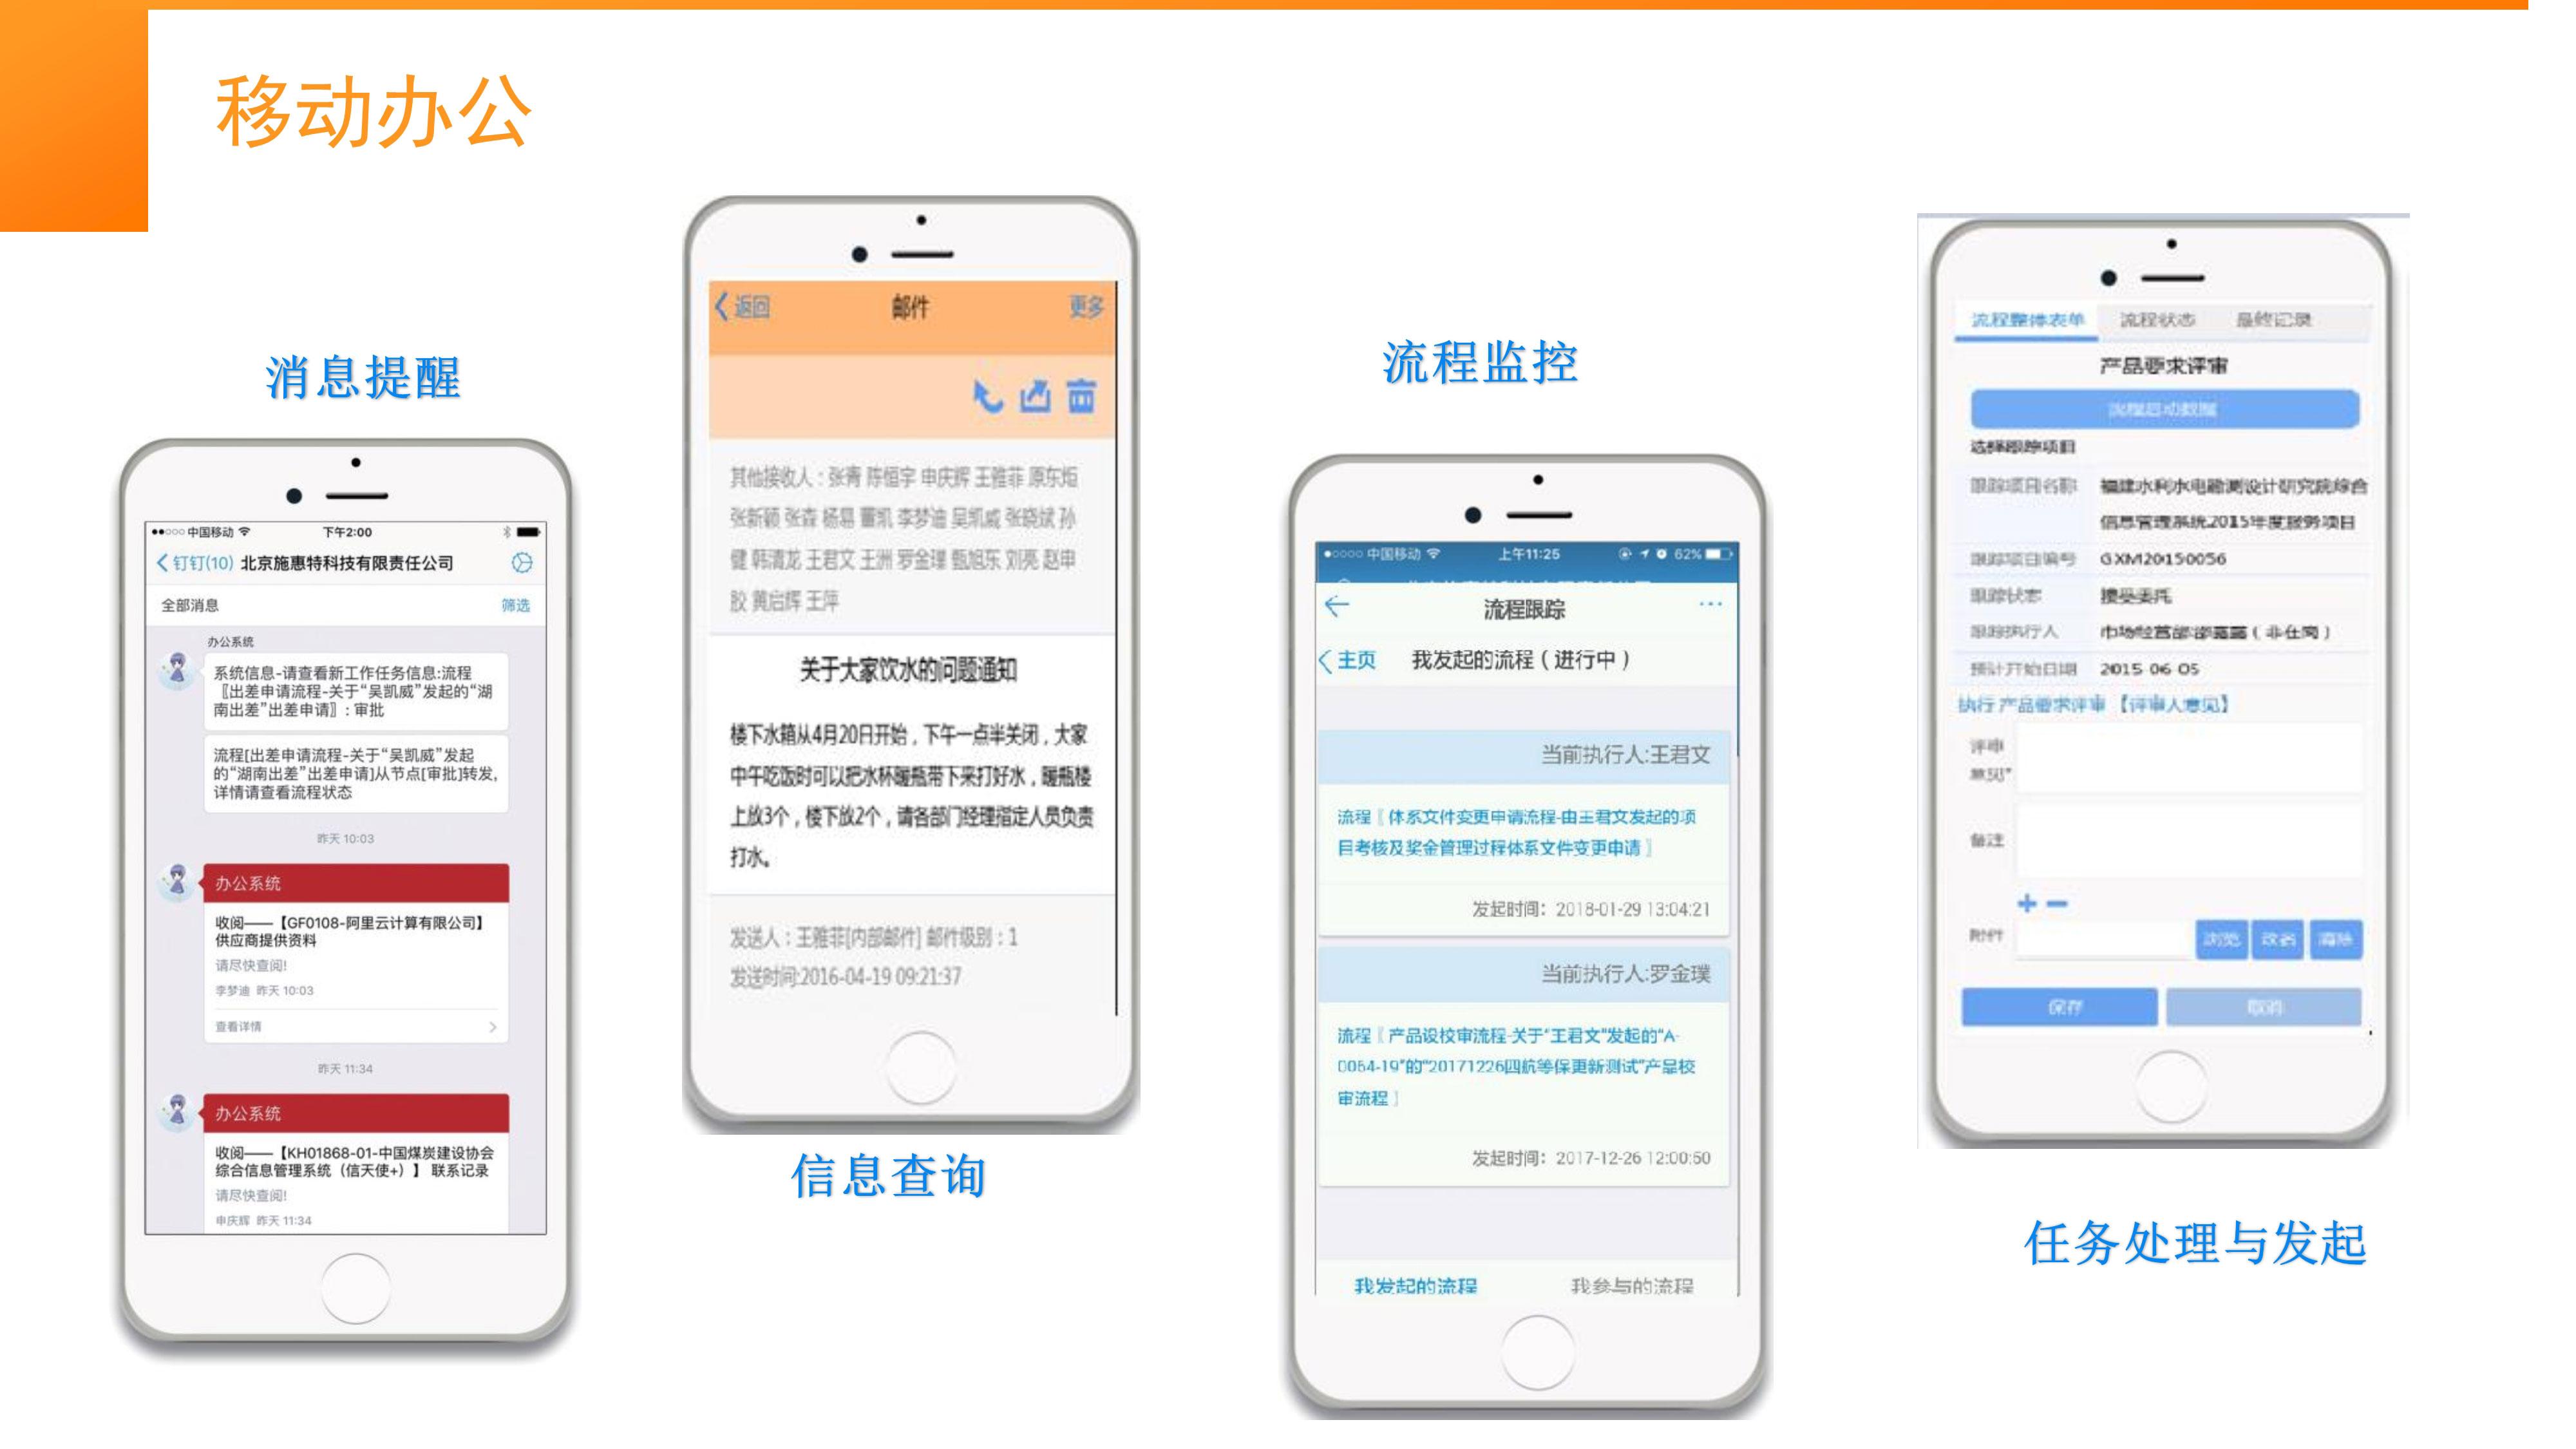 013011343503_0信天使综合信息管理系统旗舰版_12.jpg